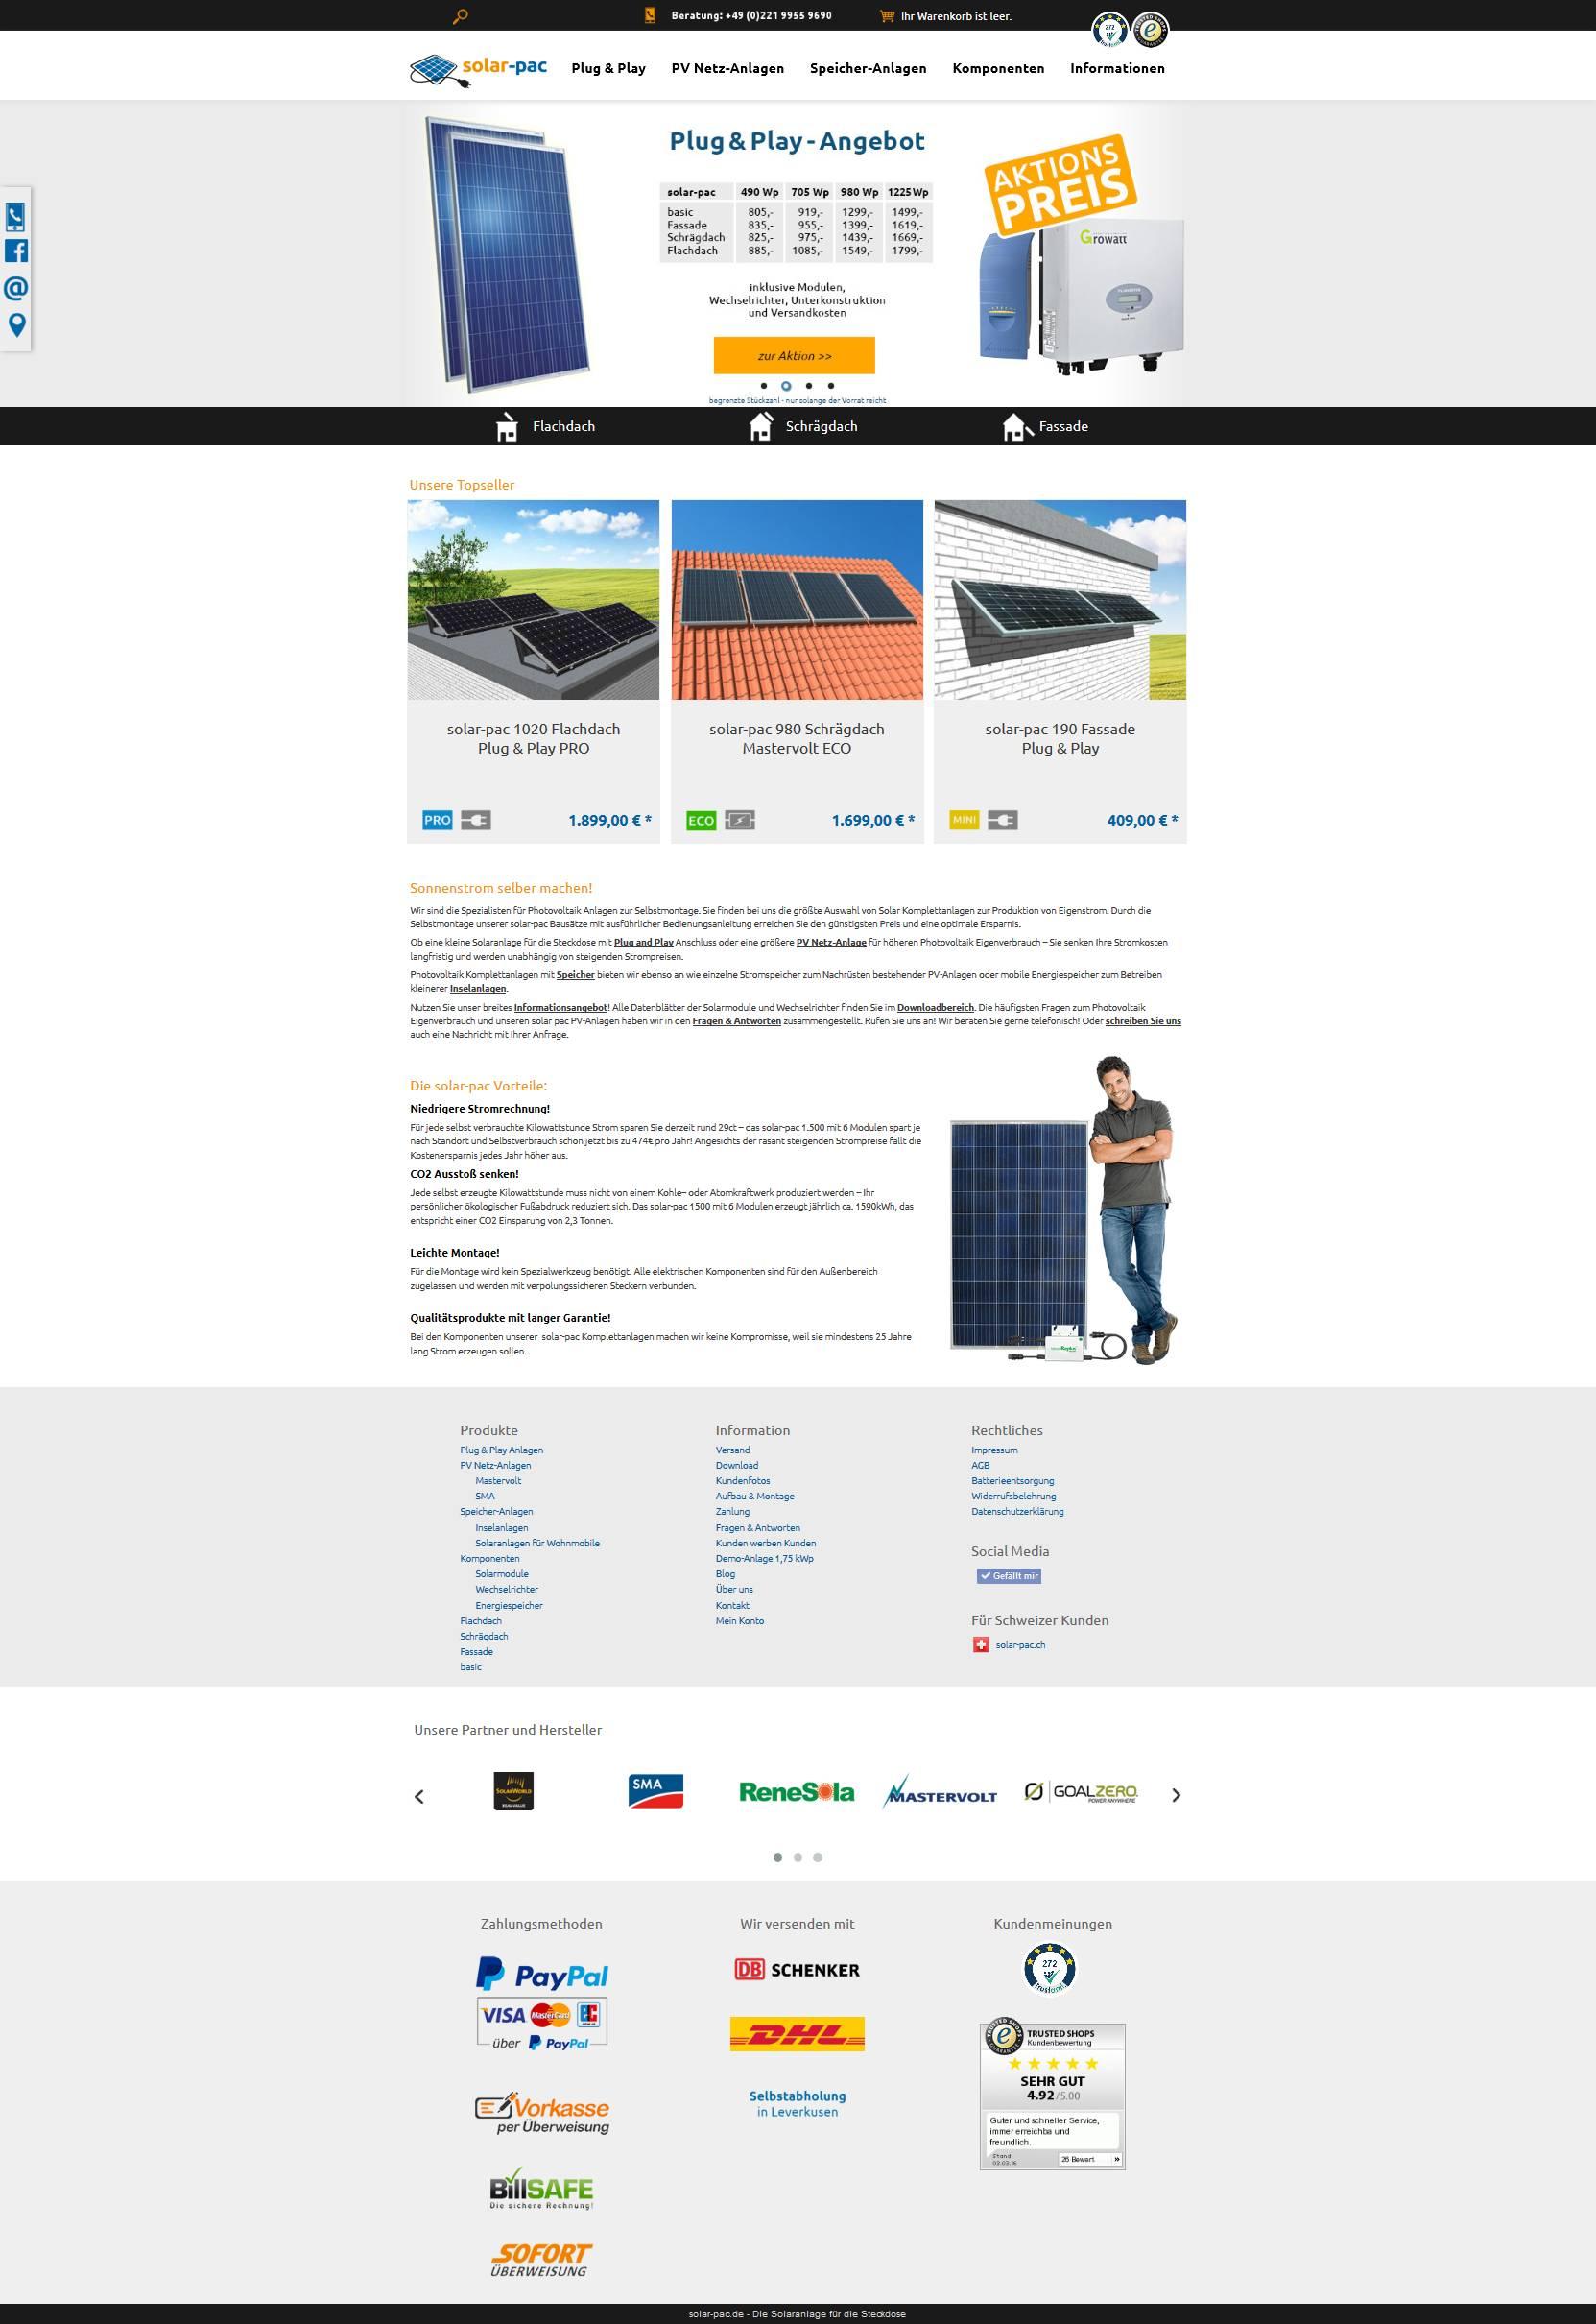 solar-pac.de_-_Startseite